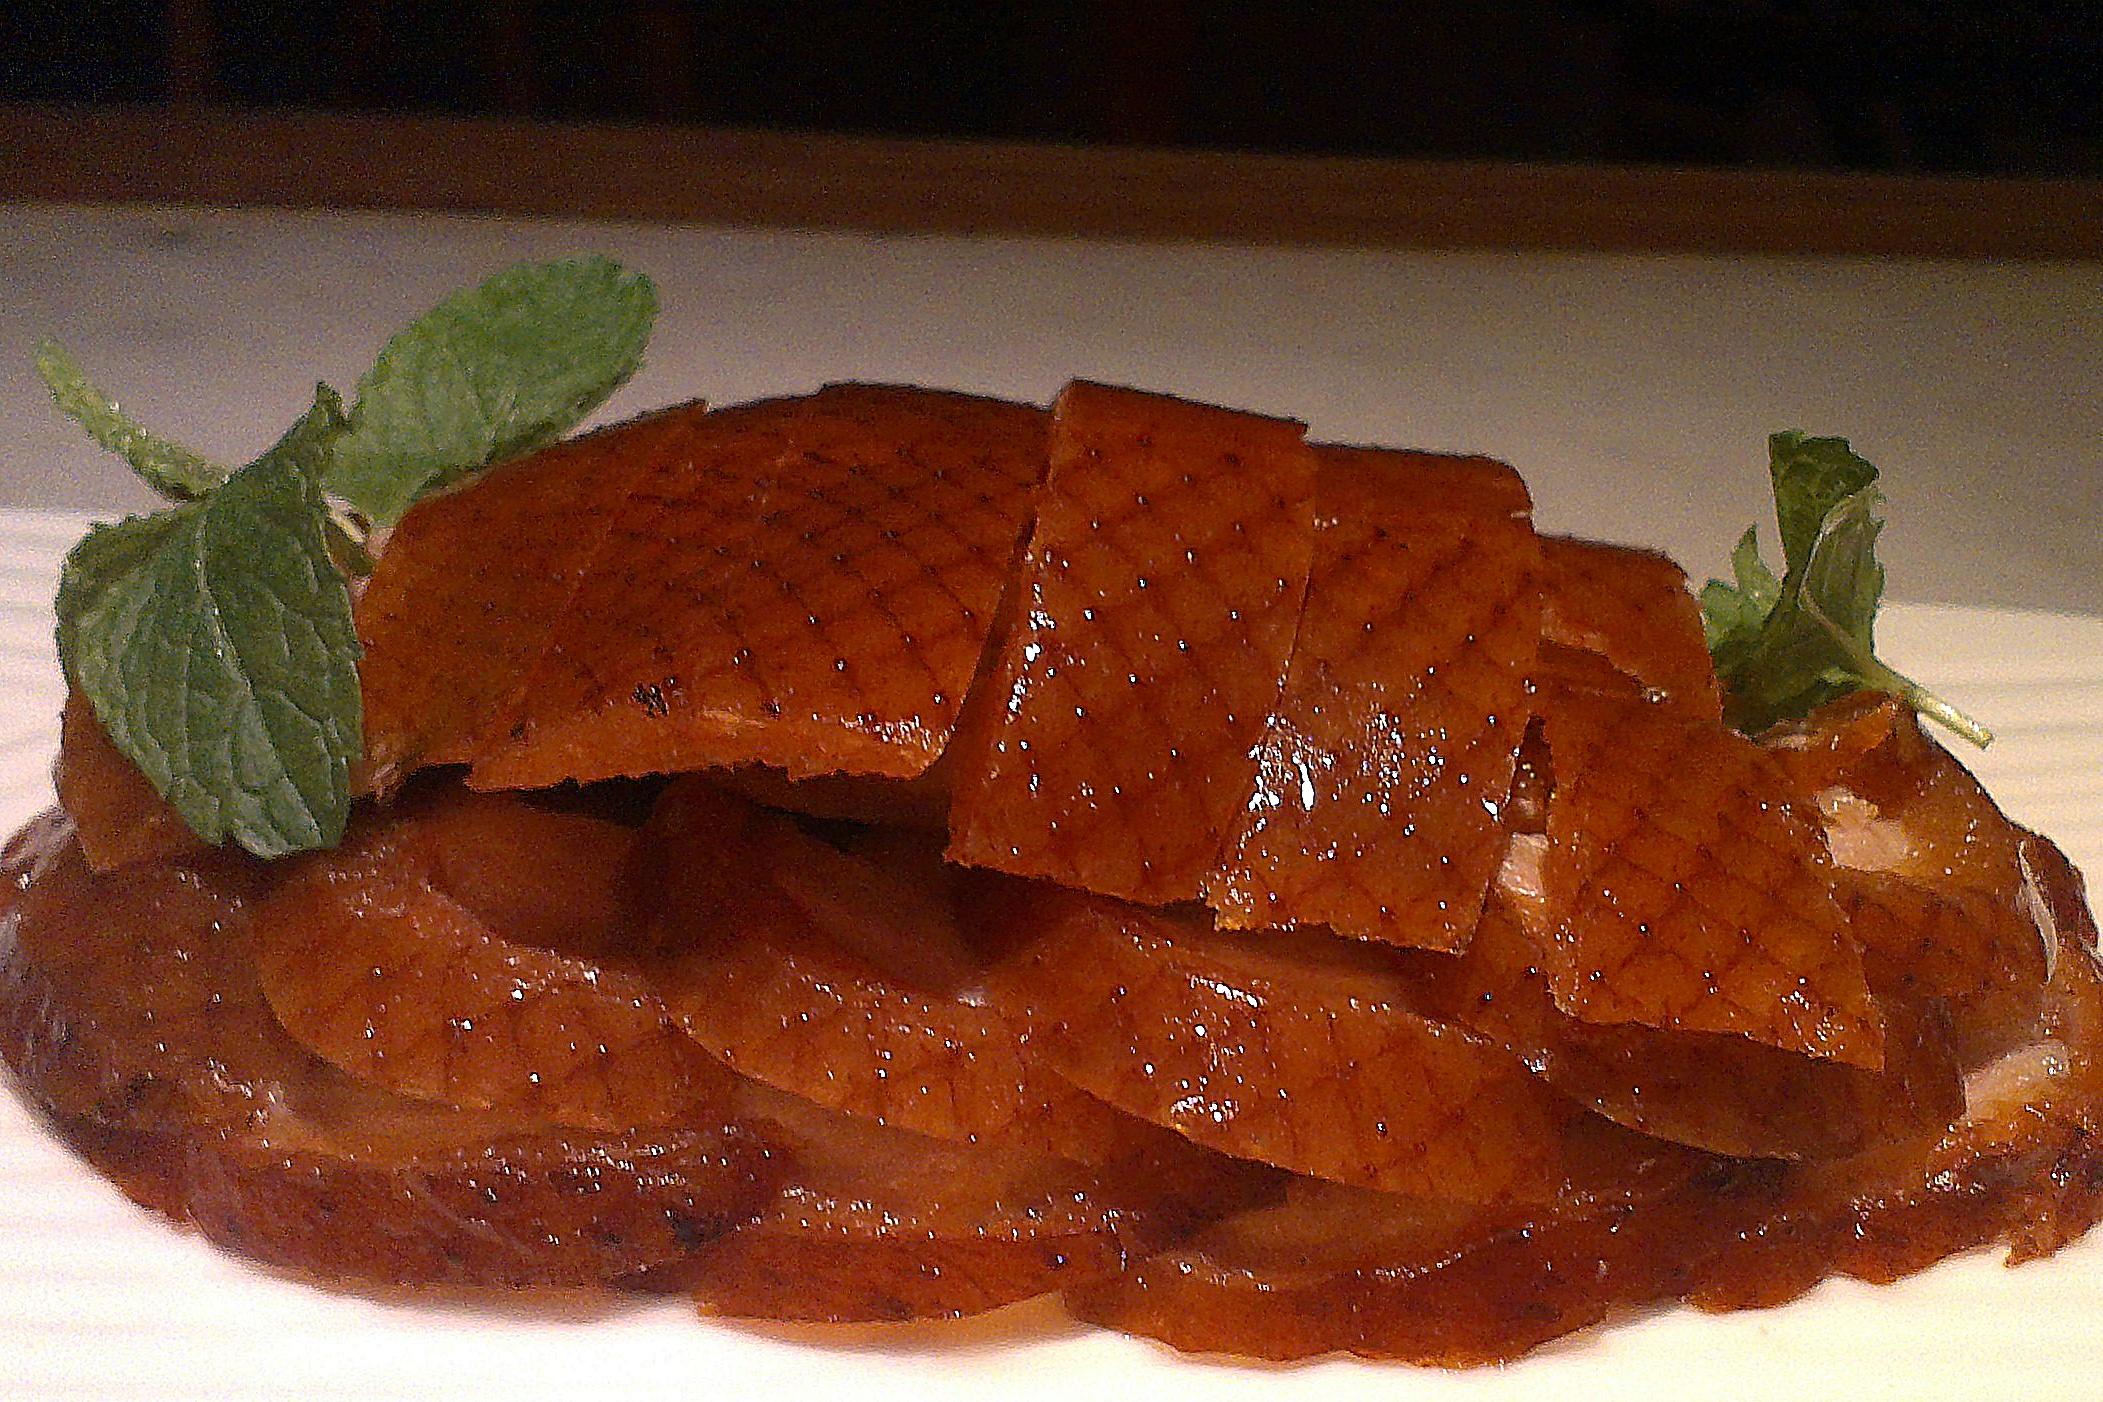 Sheng Yong Xing Roast Duck DrinkArts